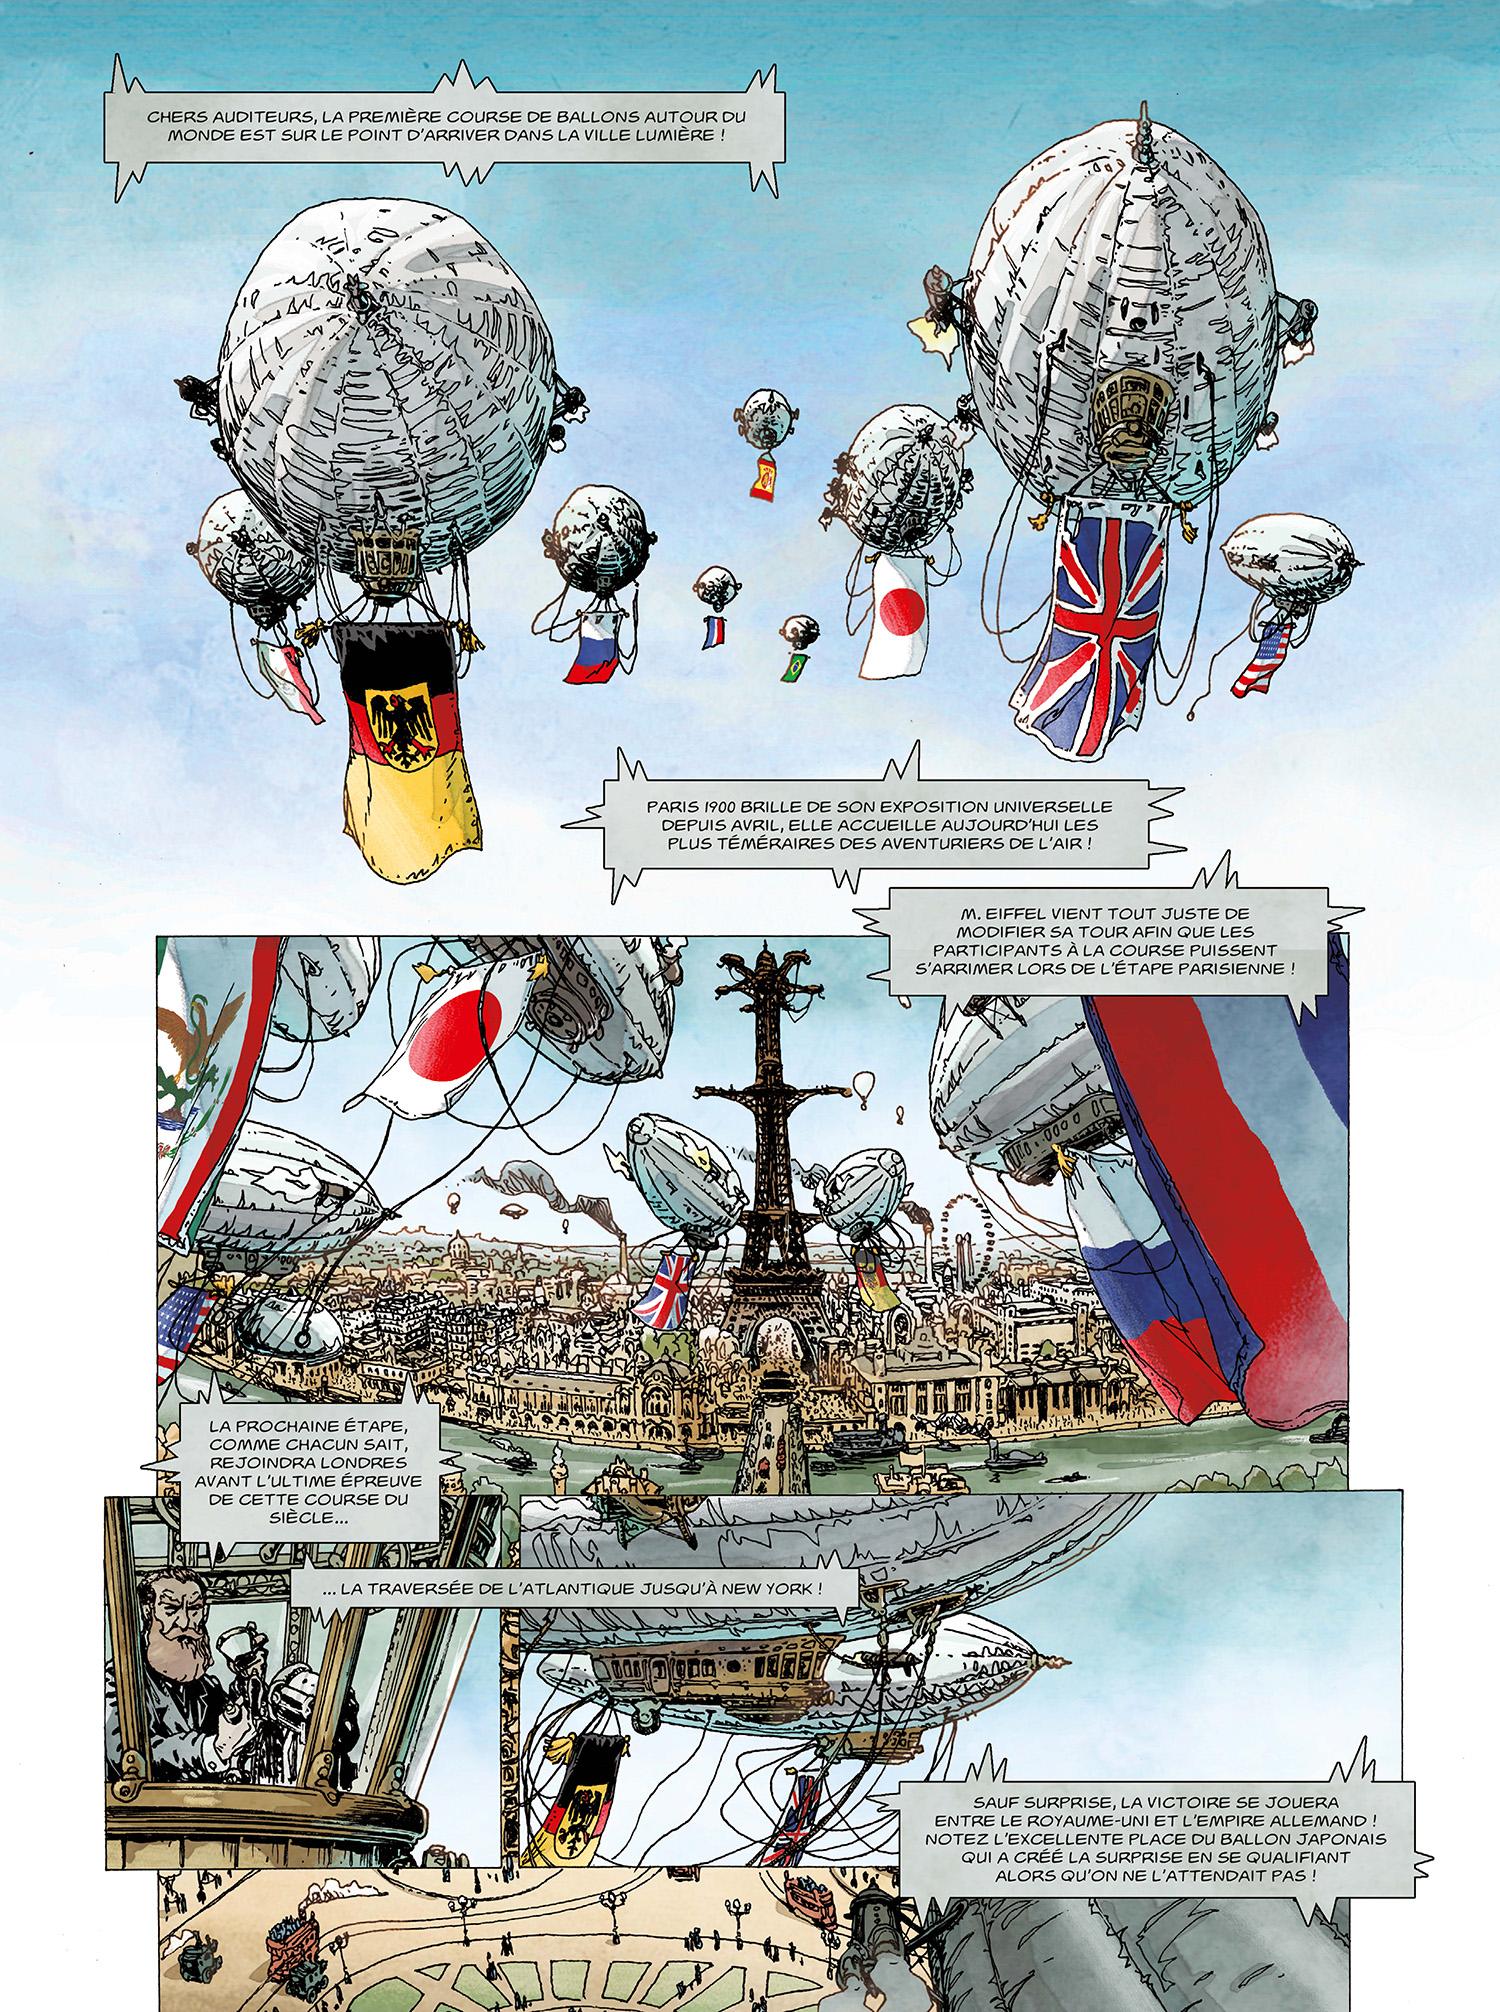 Un Tour du monde (revisité) façon Jules Verne ? (extrait du T3 - planches 1 et 2 ; Delcourt 2020)